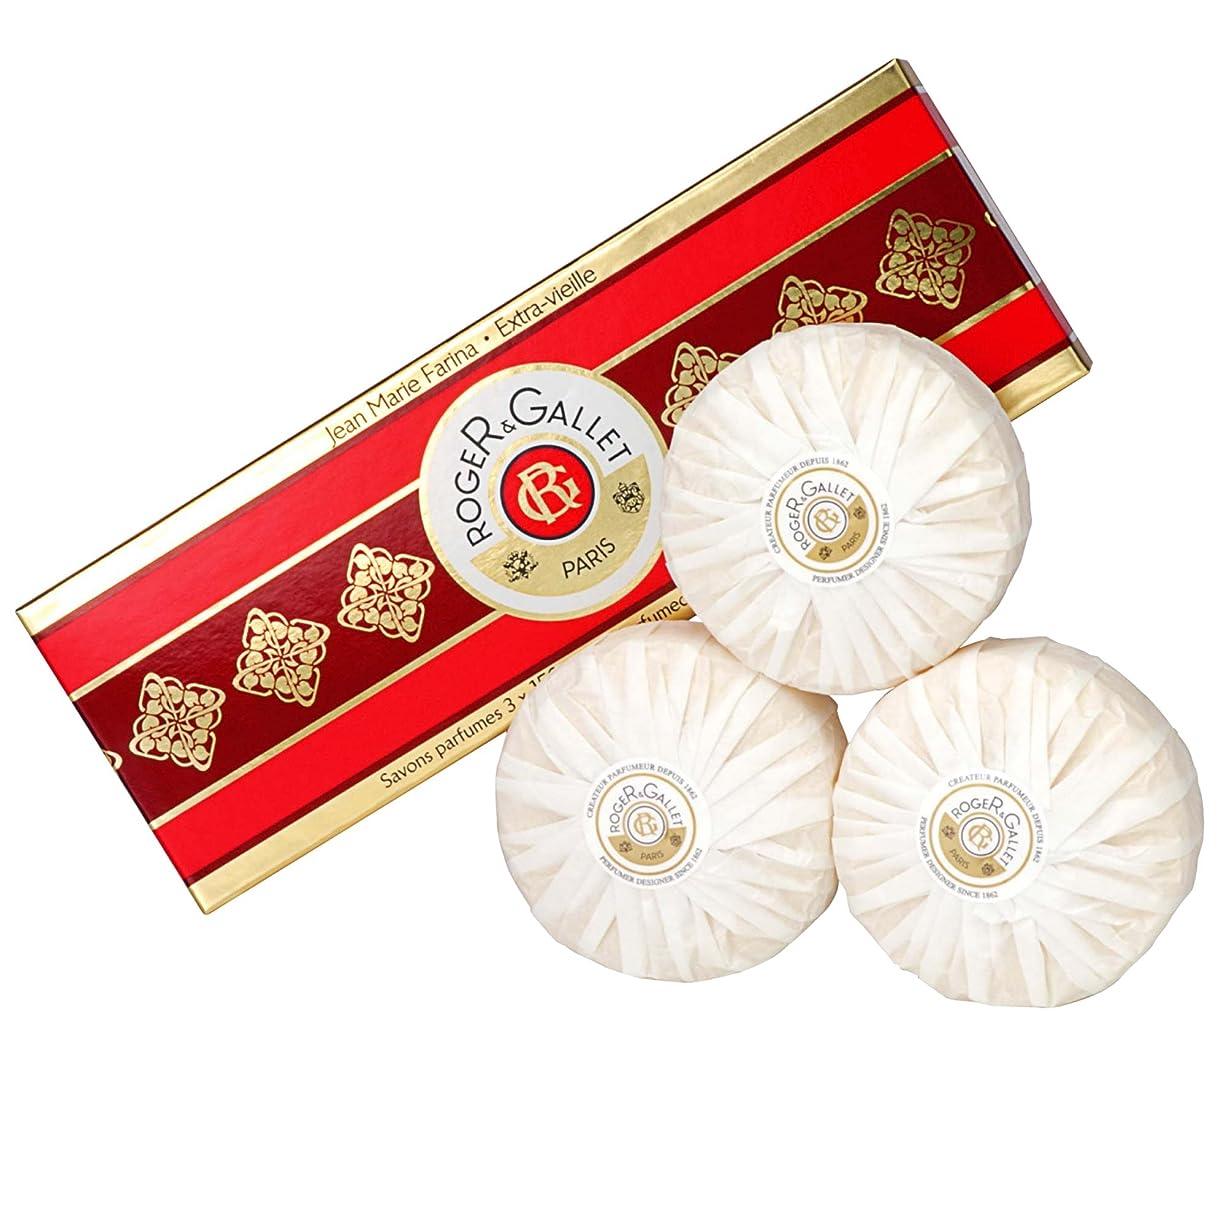 部分的反逆者キャビンロジャー&Galletのジーンズマリーファリナ石鹸は、3つのX 100グラムを設定しました (Roger & Gallet) (x6) - Roger & Gallet Jean Marie Farina Soap Set 3 x 100g (Pack of 6) [並行輸入品]